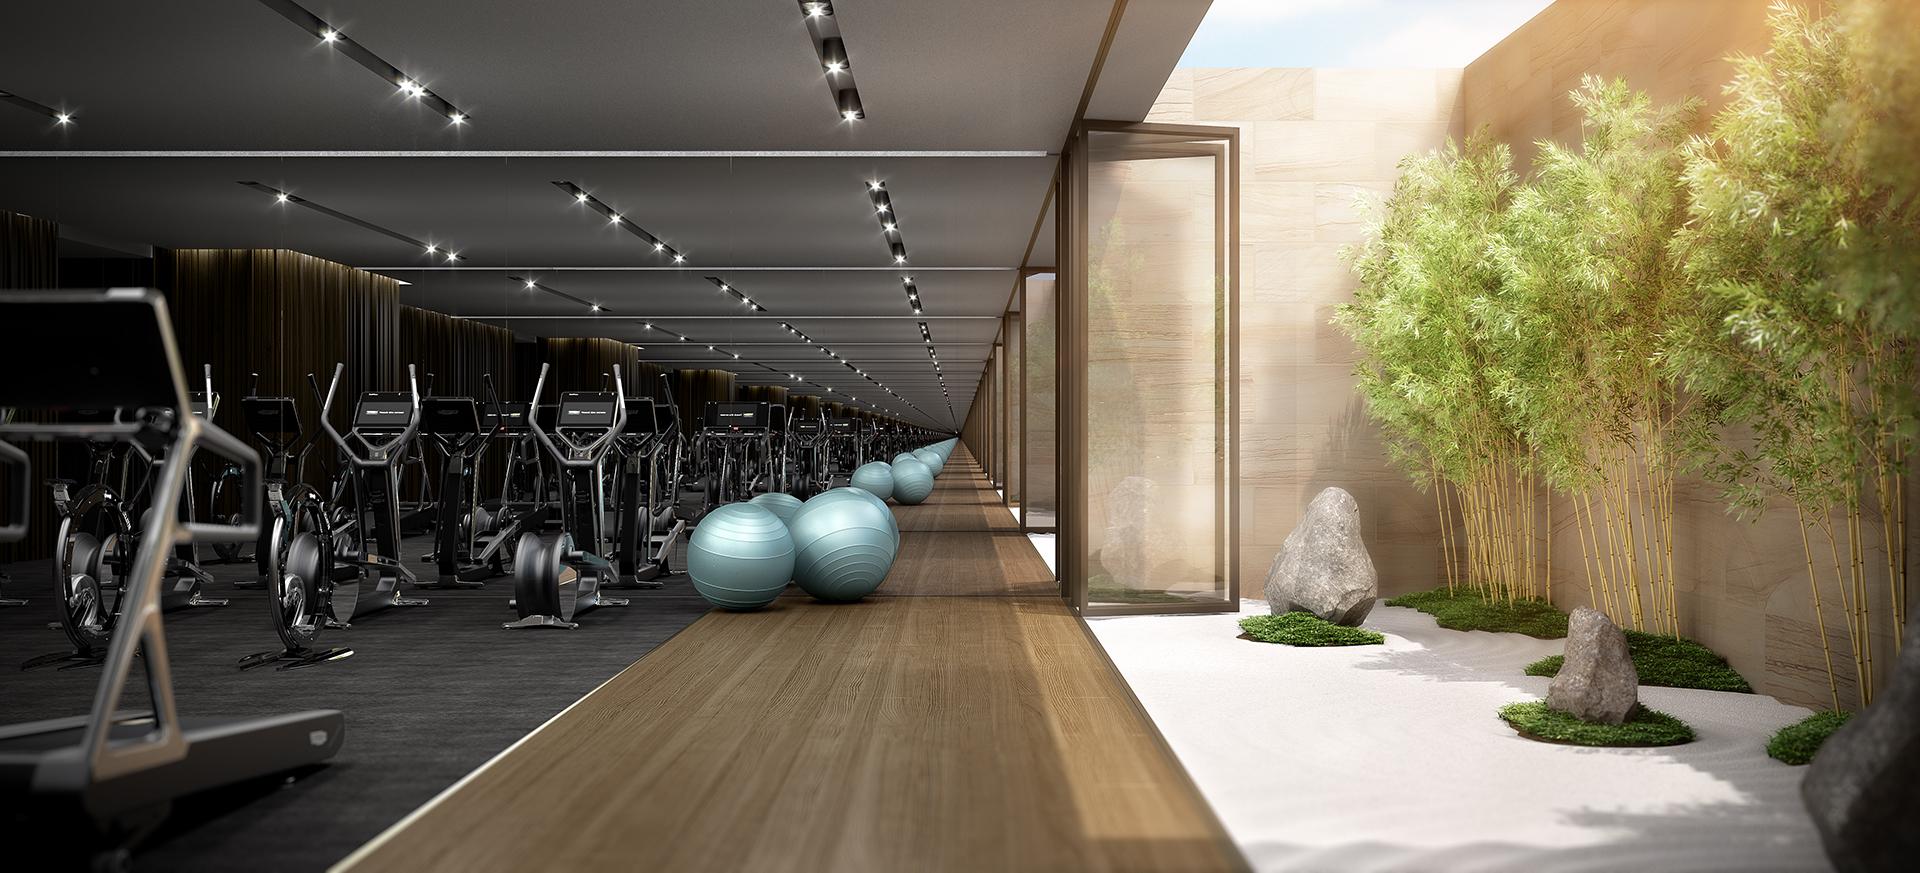 TPA9348_The Lennox_IA03_Fitness_Zen Garden.jpg